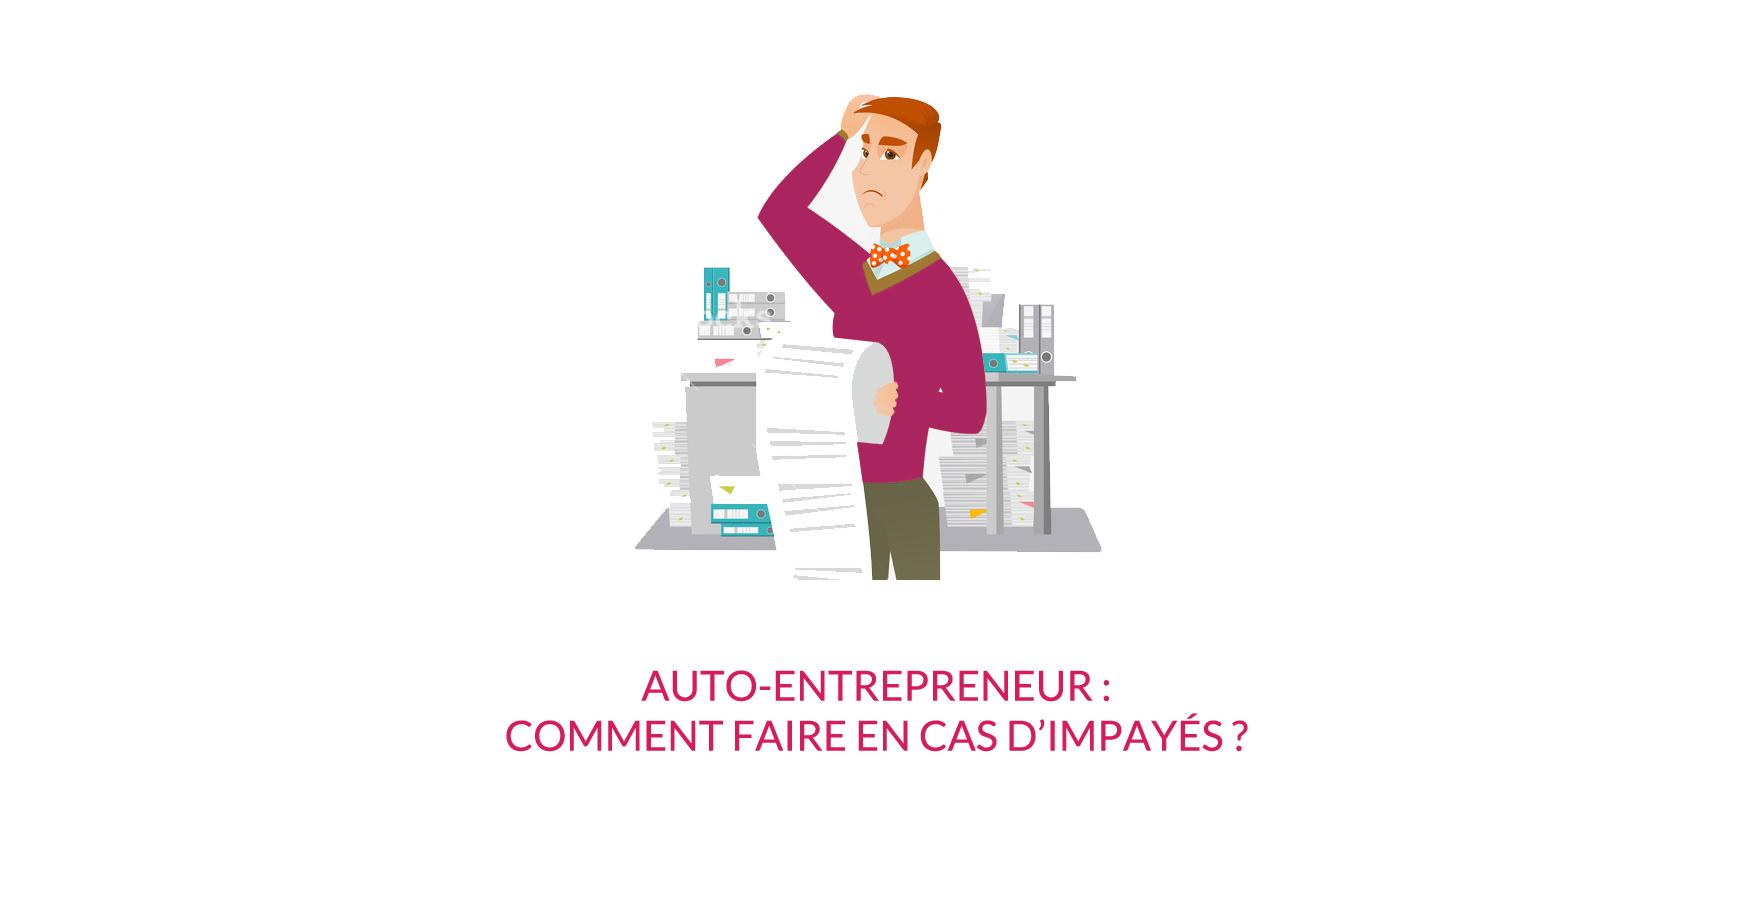 Auto-entrepreneur : comment faire en cas d'impayés ?